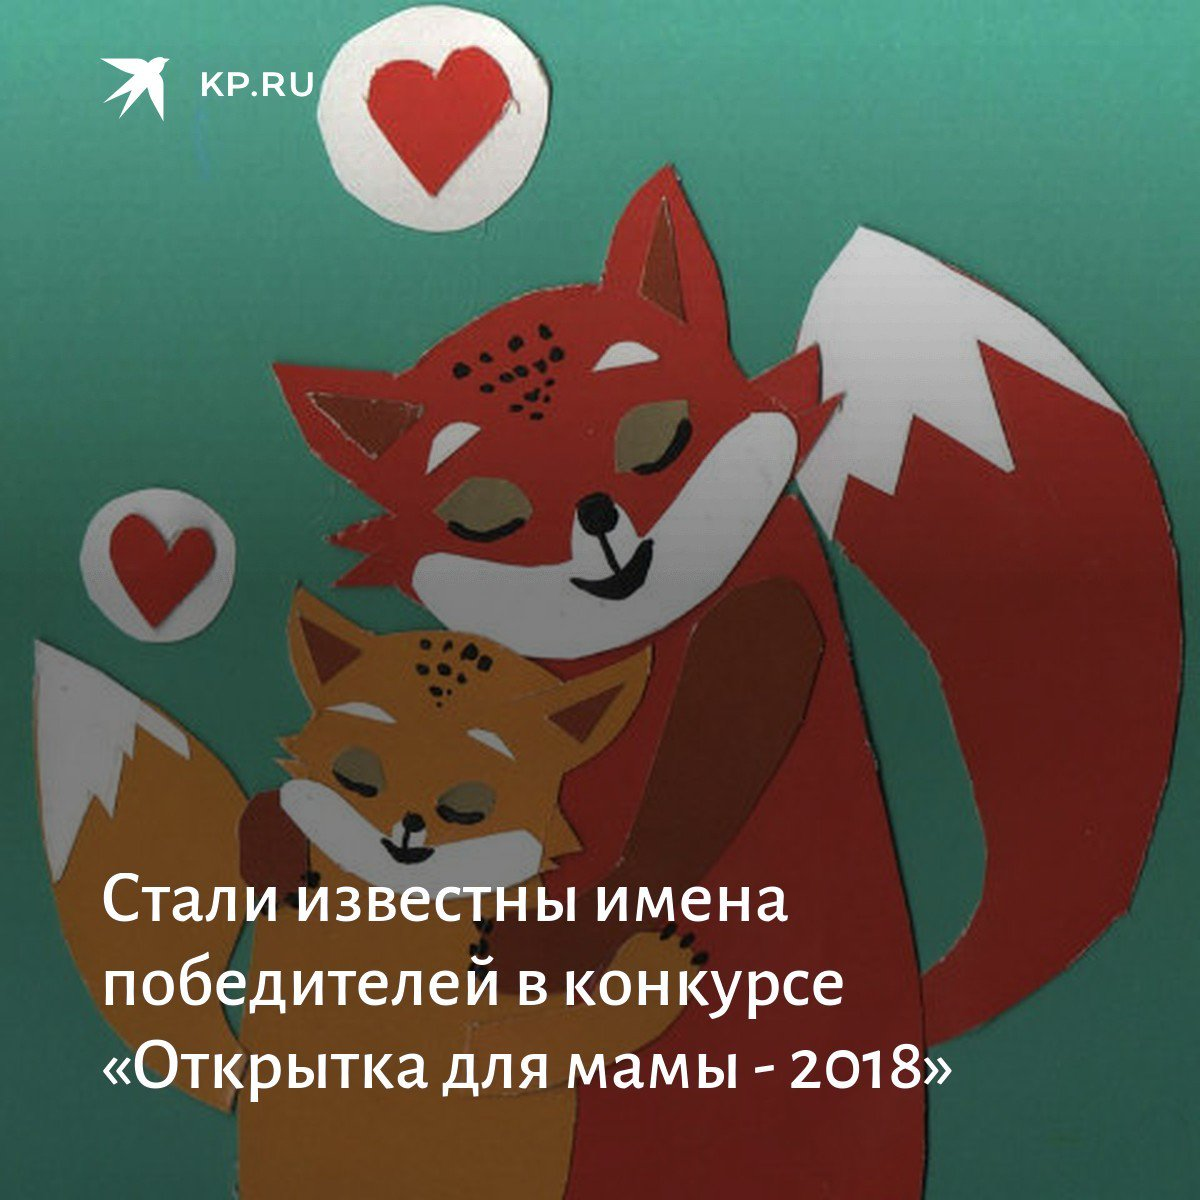 Погоде смешные, открытка для мамы 2018 конкурс